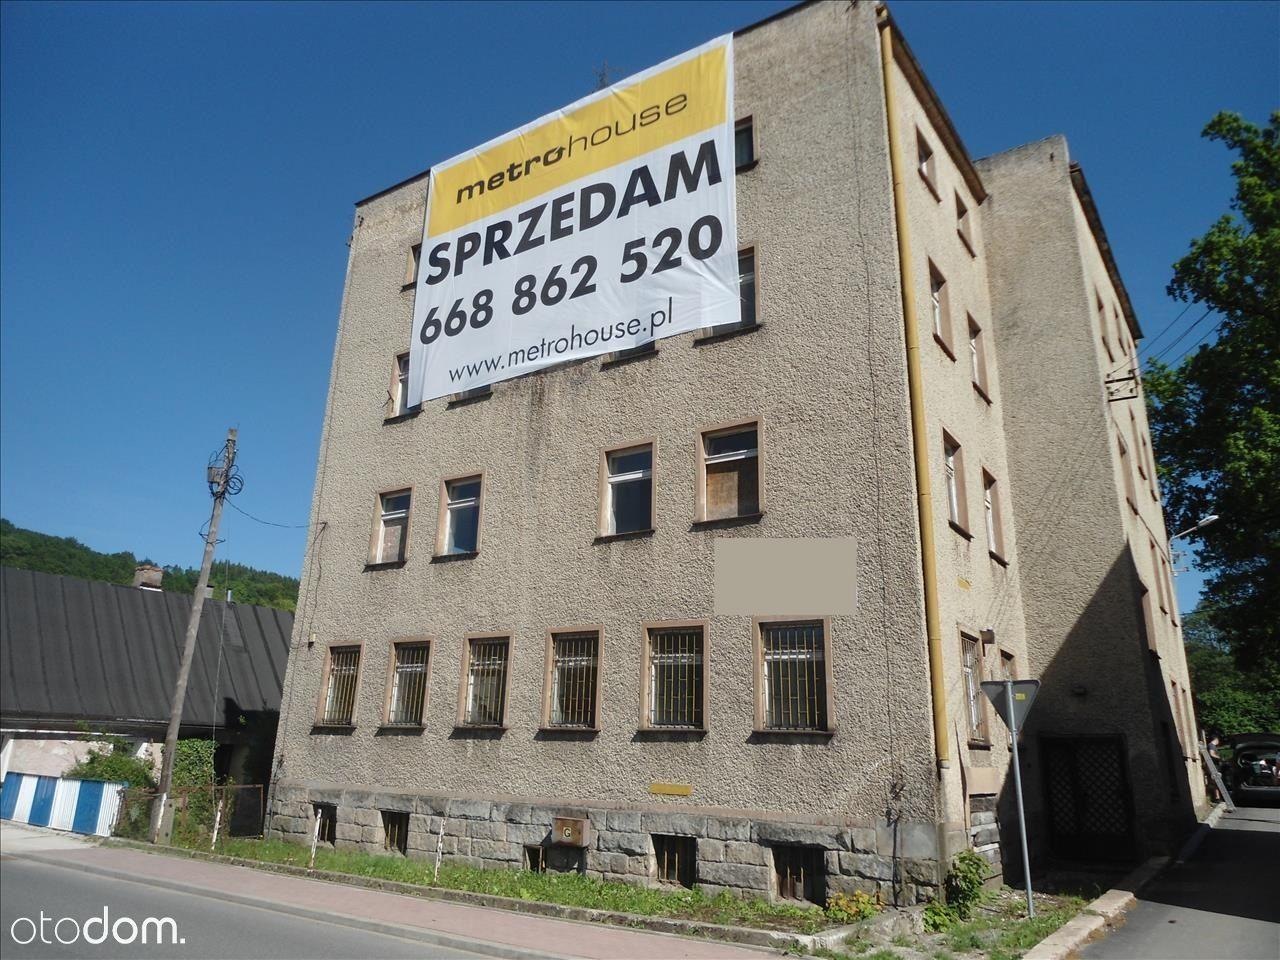 Lokal użytkowy na sprzedaż, Lewin Kłodzki, kłodzki, dolnośląskie - Foto 1